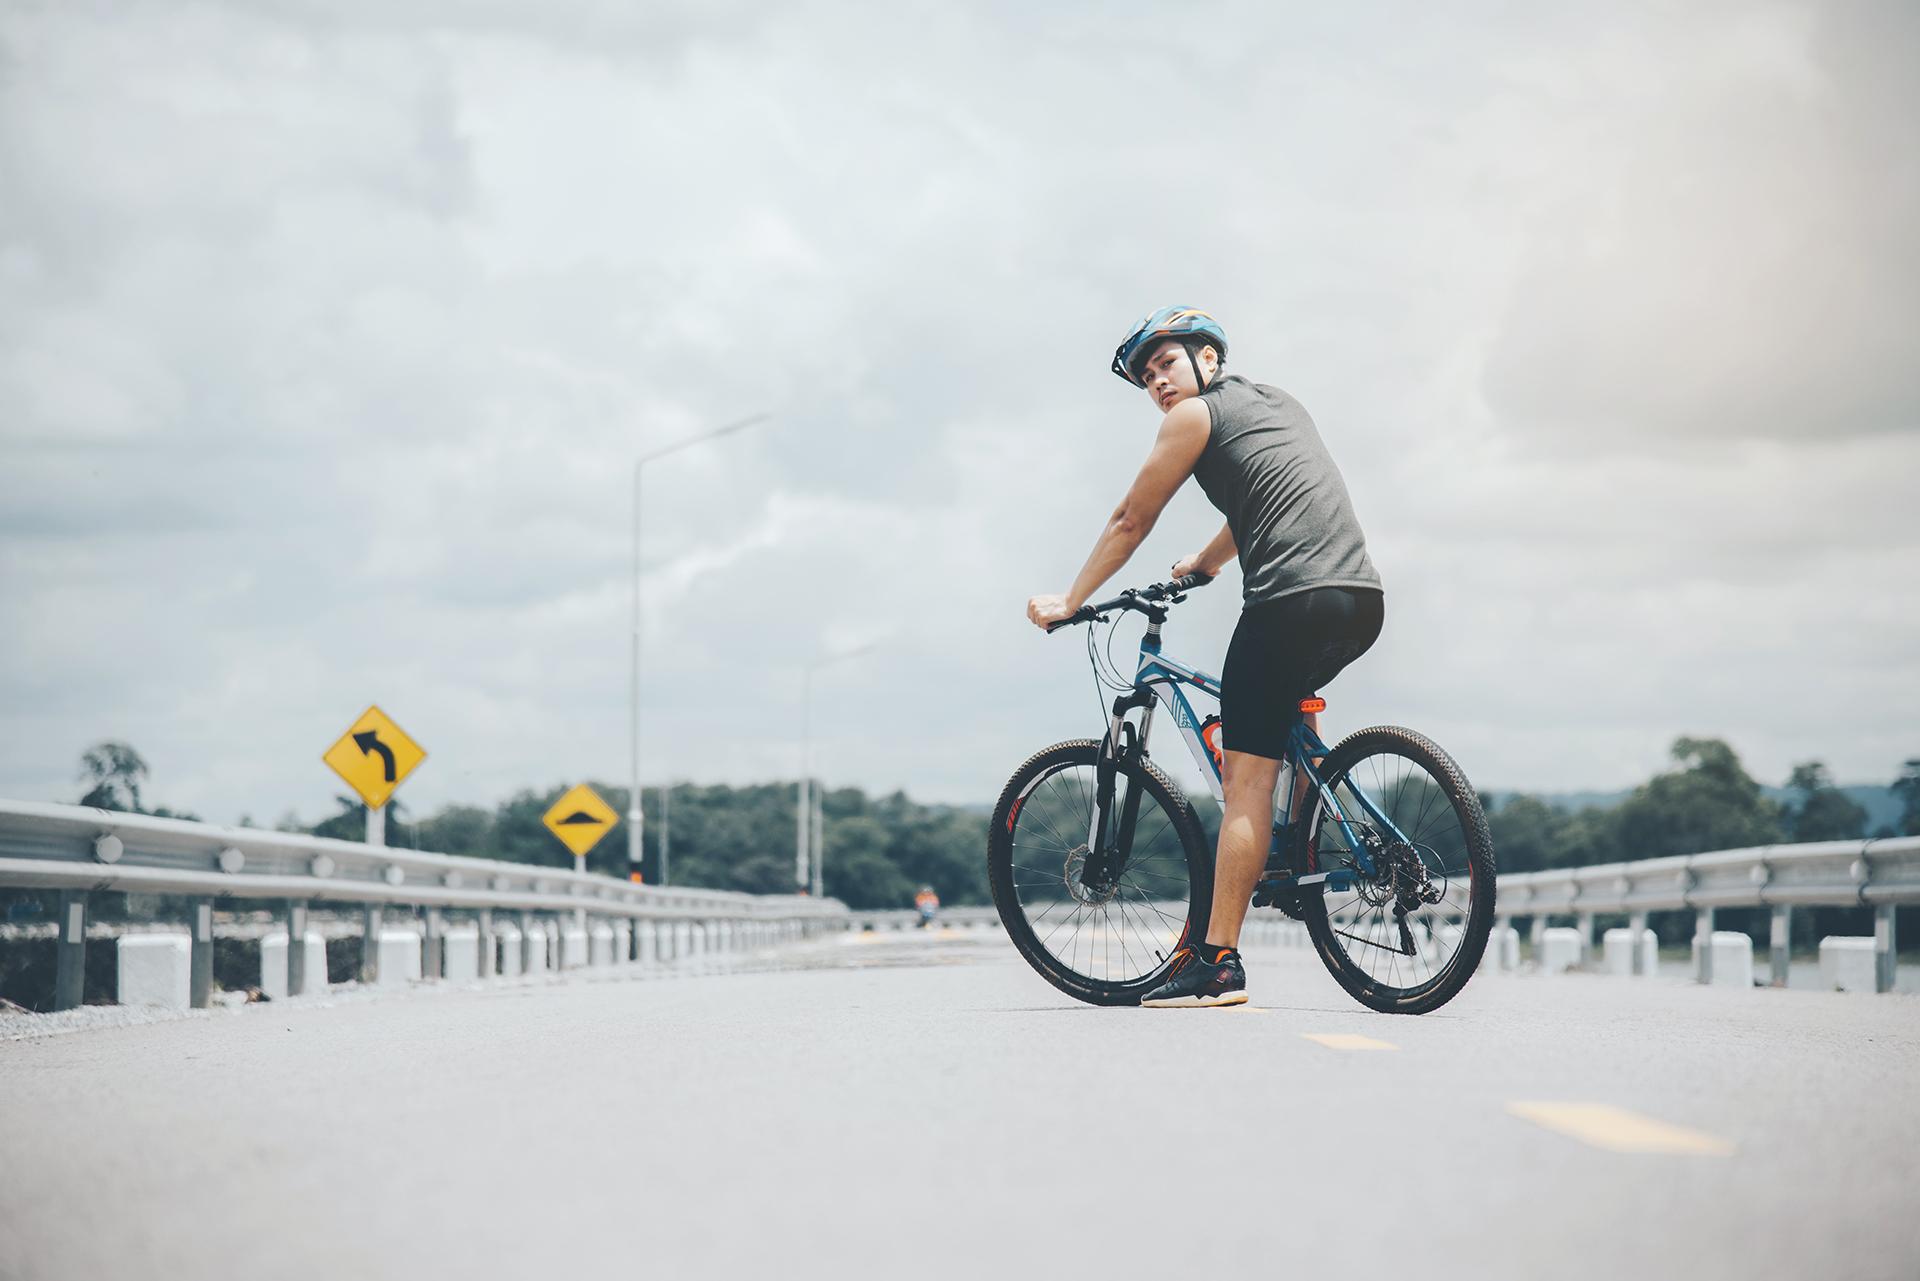 4 dicas para melhorar a performance no ciclismo